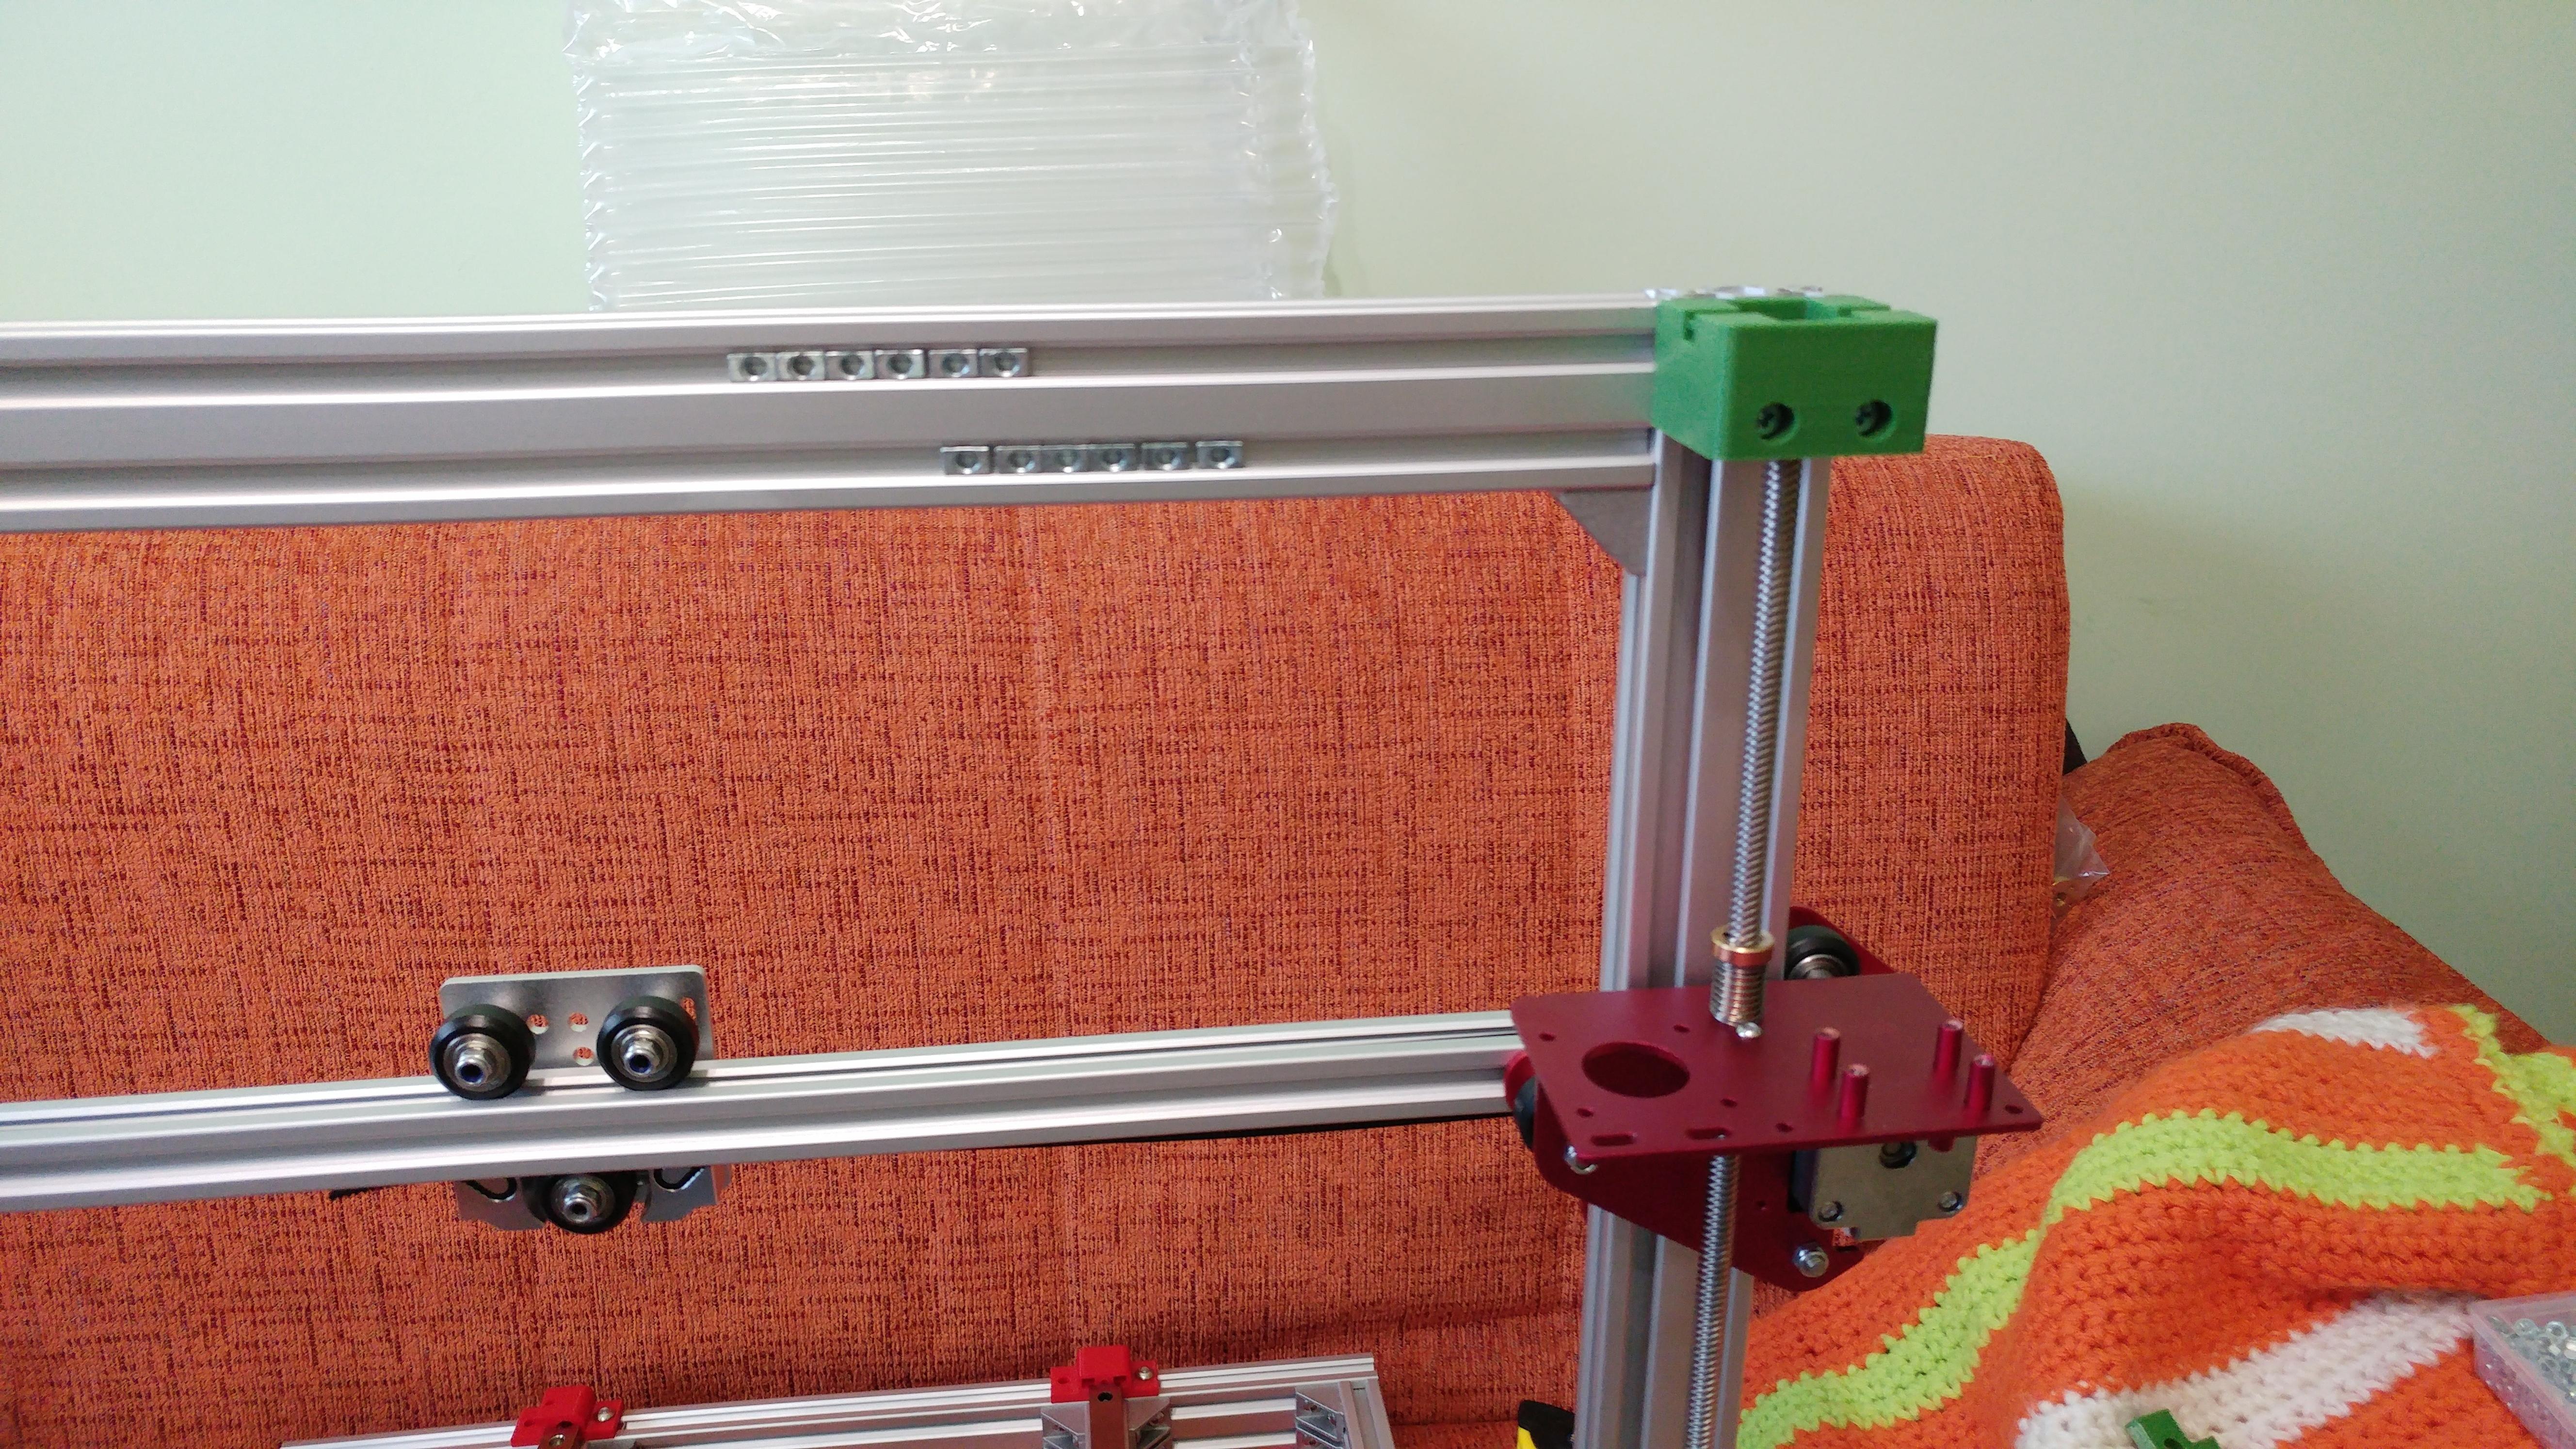 20190629_150508.jpg Télécharger fichier STL gratuit Parte Superior Husillo eje Z con muelle para perfil de aluminio 2040 • Plan imprimable en 3D, celtarra12